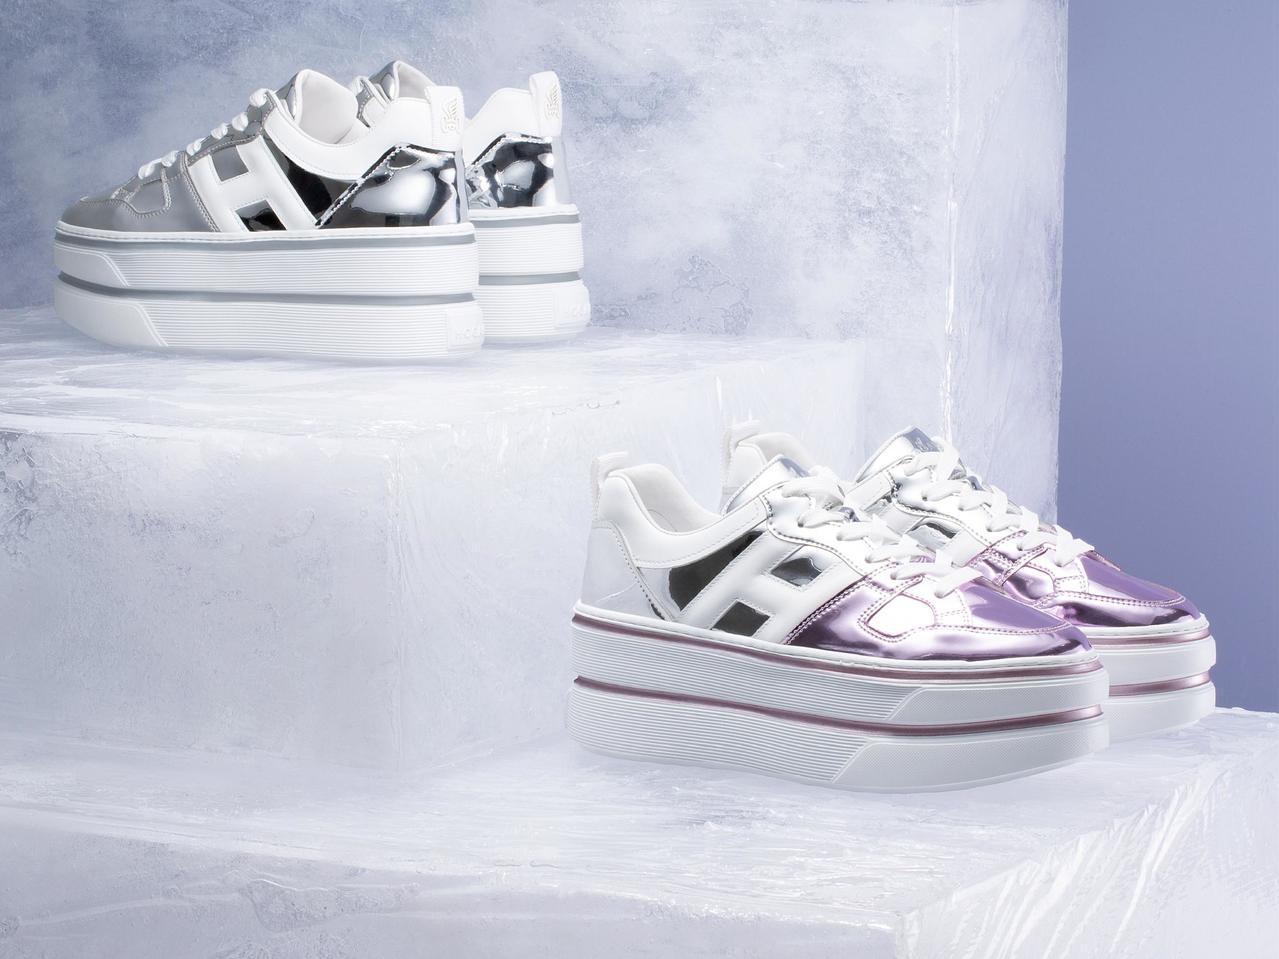 今年秋冬,HOGAN把充滿奇幻未來感的金屬色和珠光注入鞋身,讓MAXI CASS...